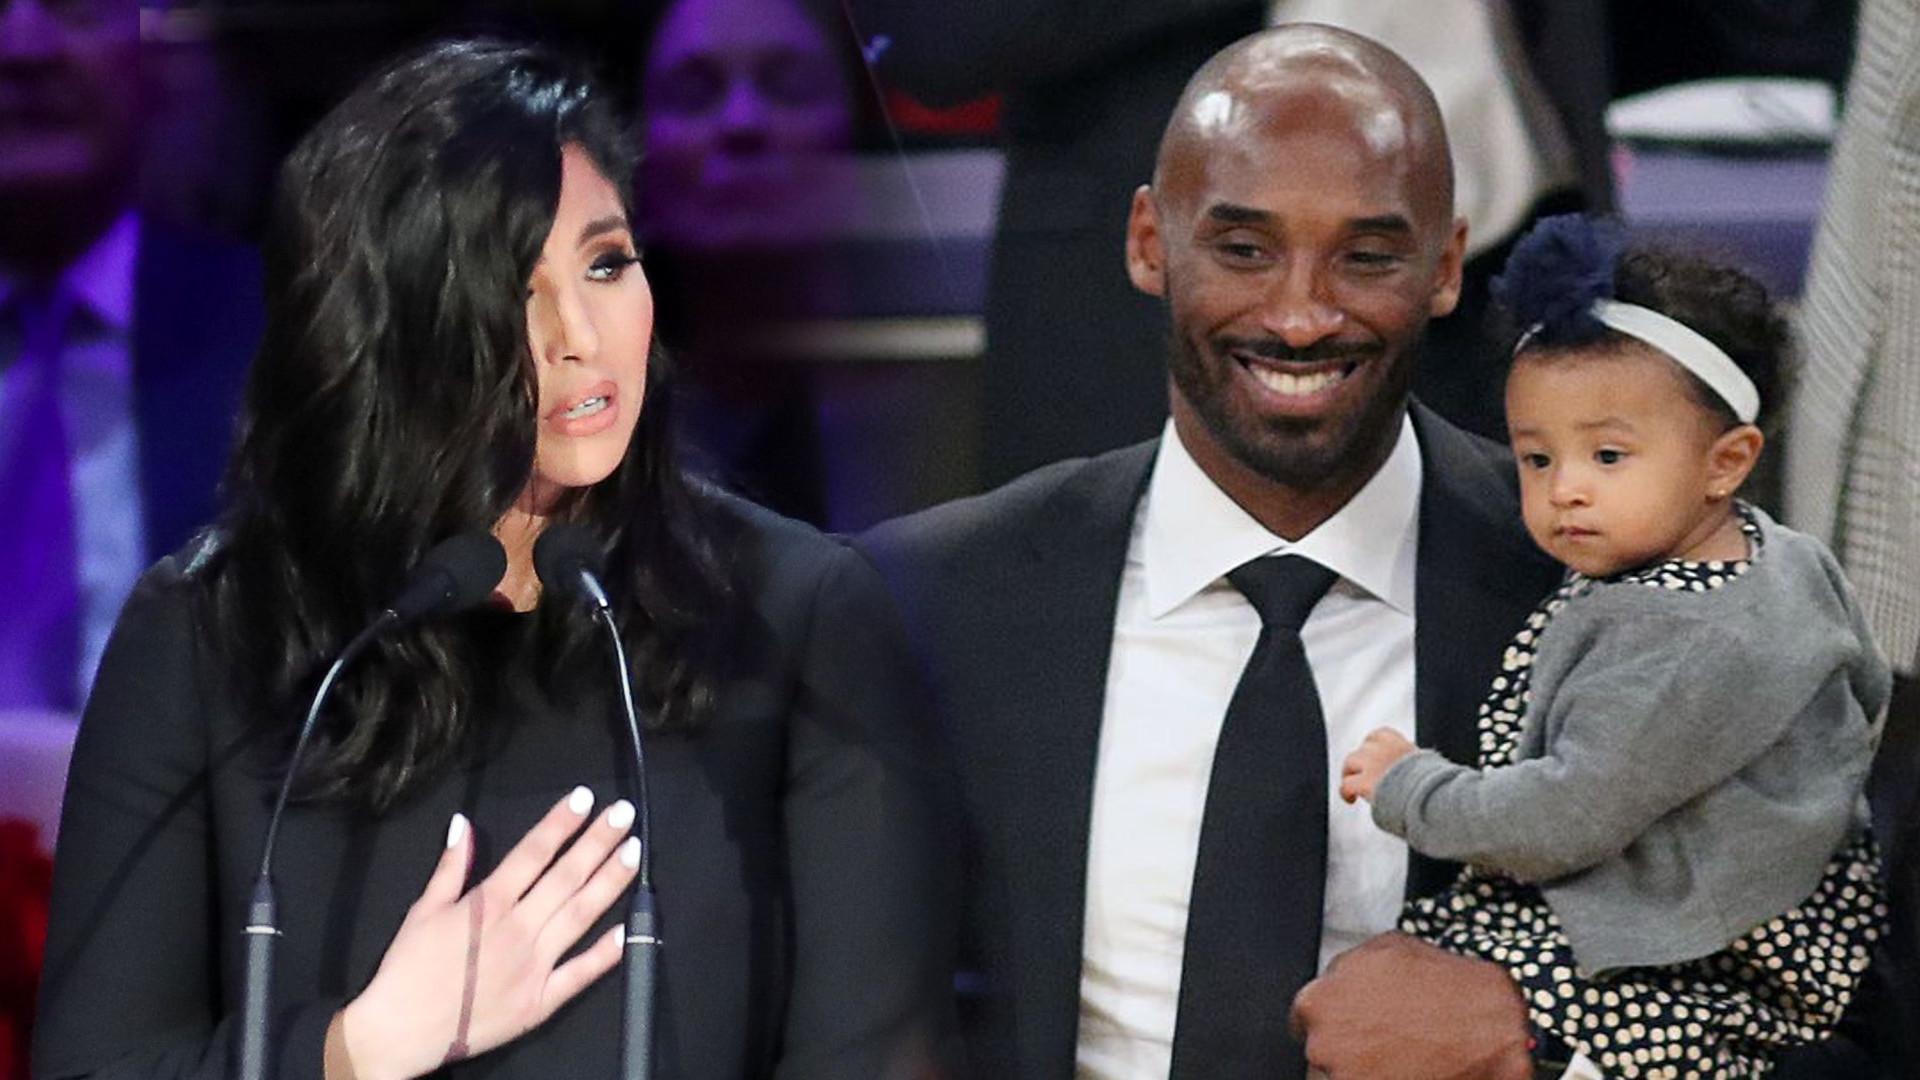 Nowe informacje w sprawie śmierci Kobe Bryanta: Pasażerowie WINNI spowodowania katastrofy